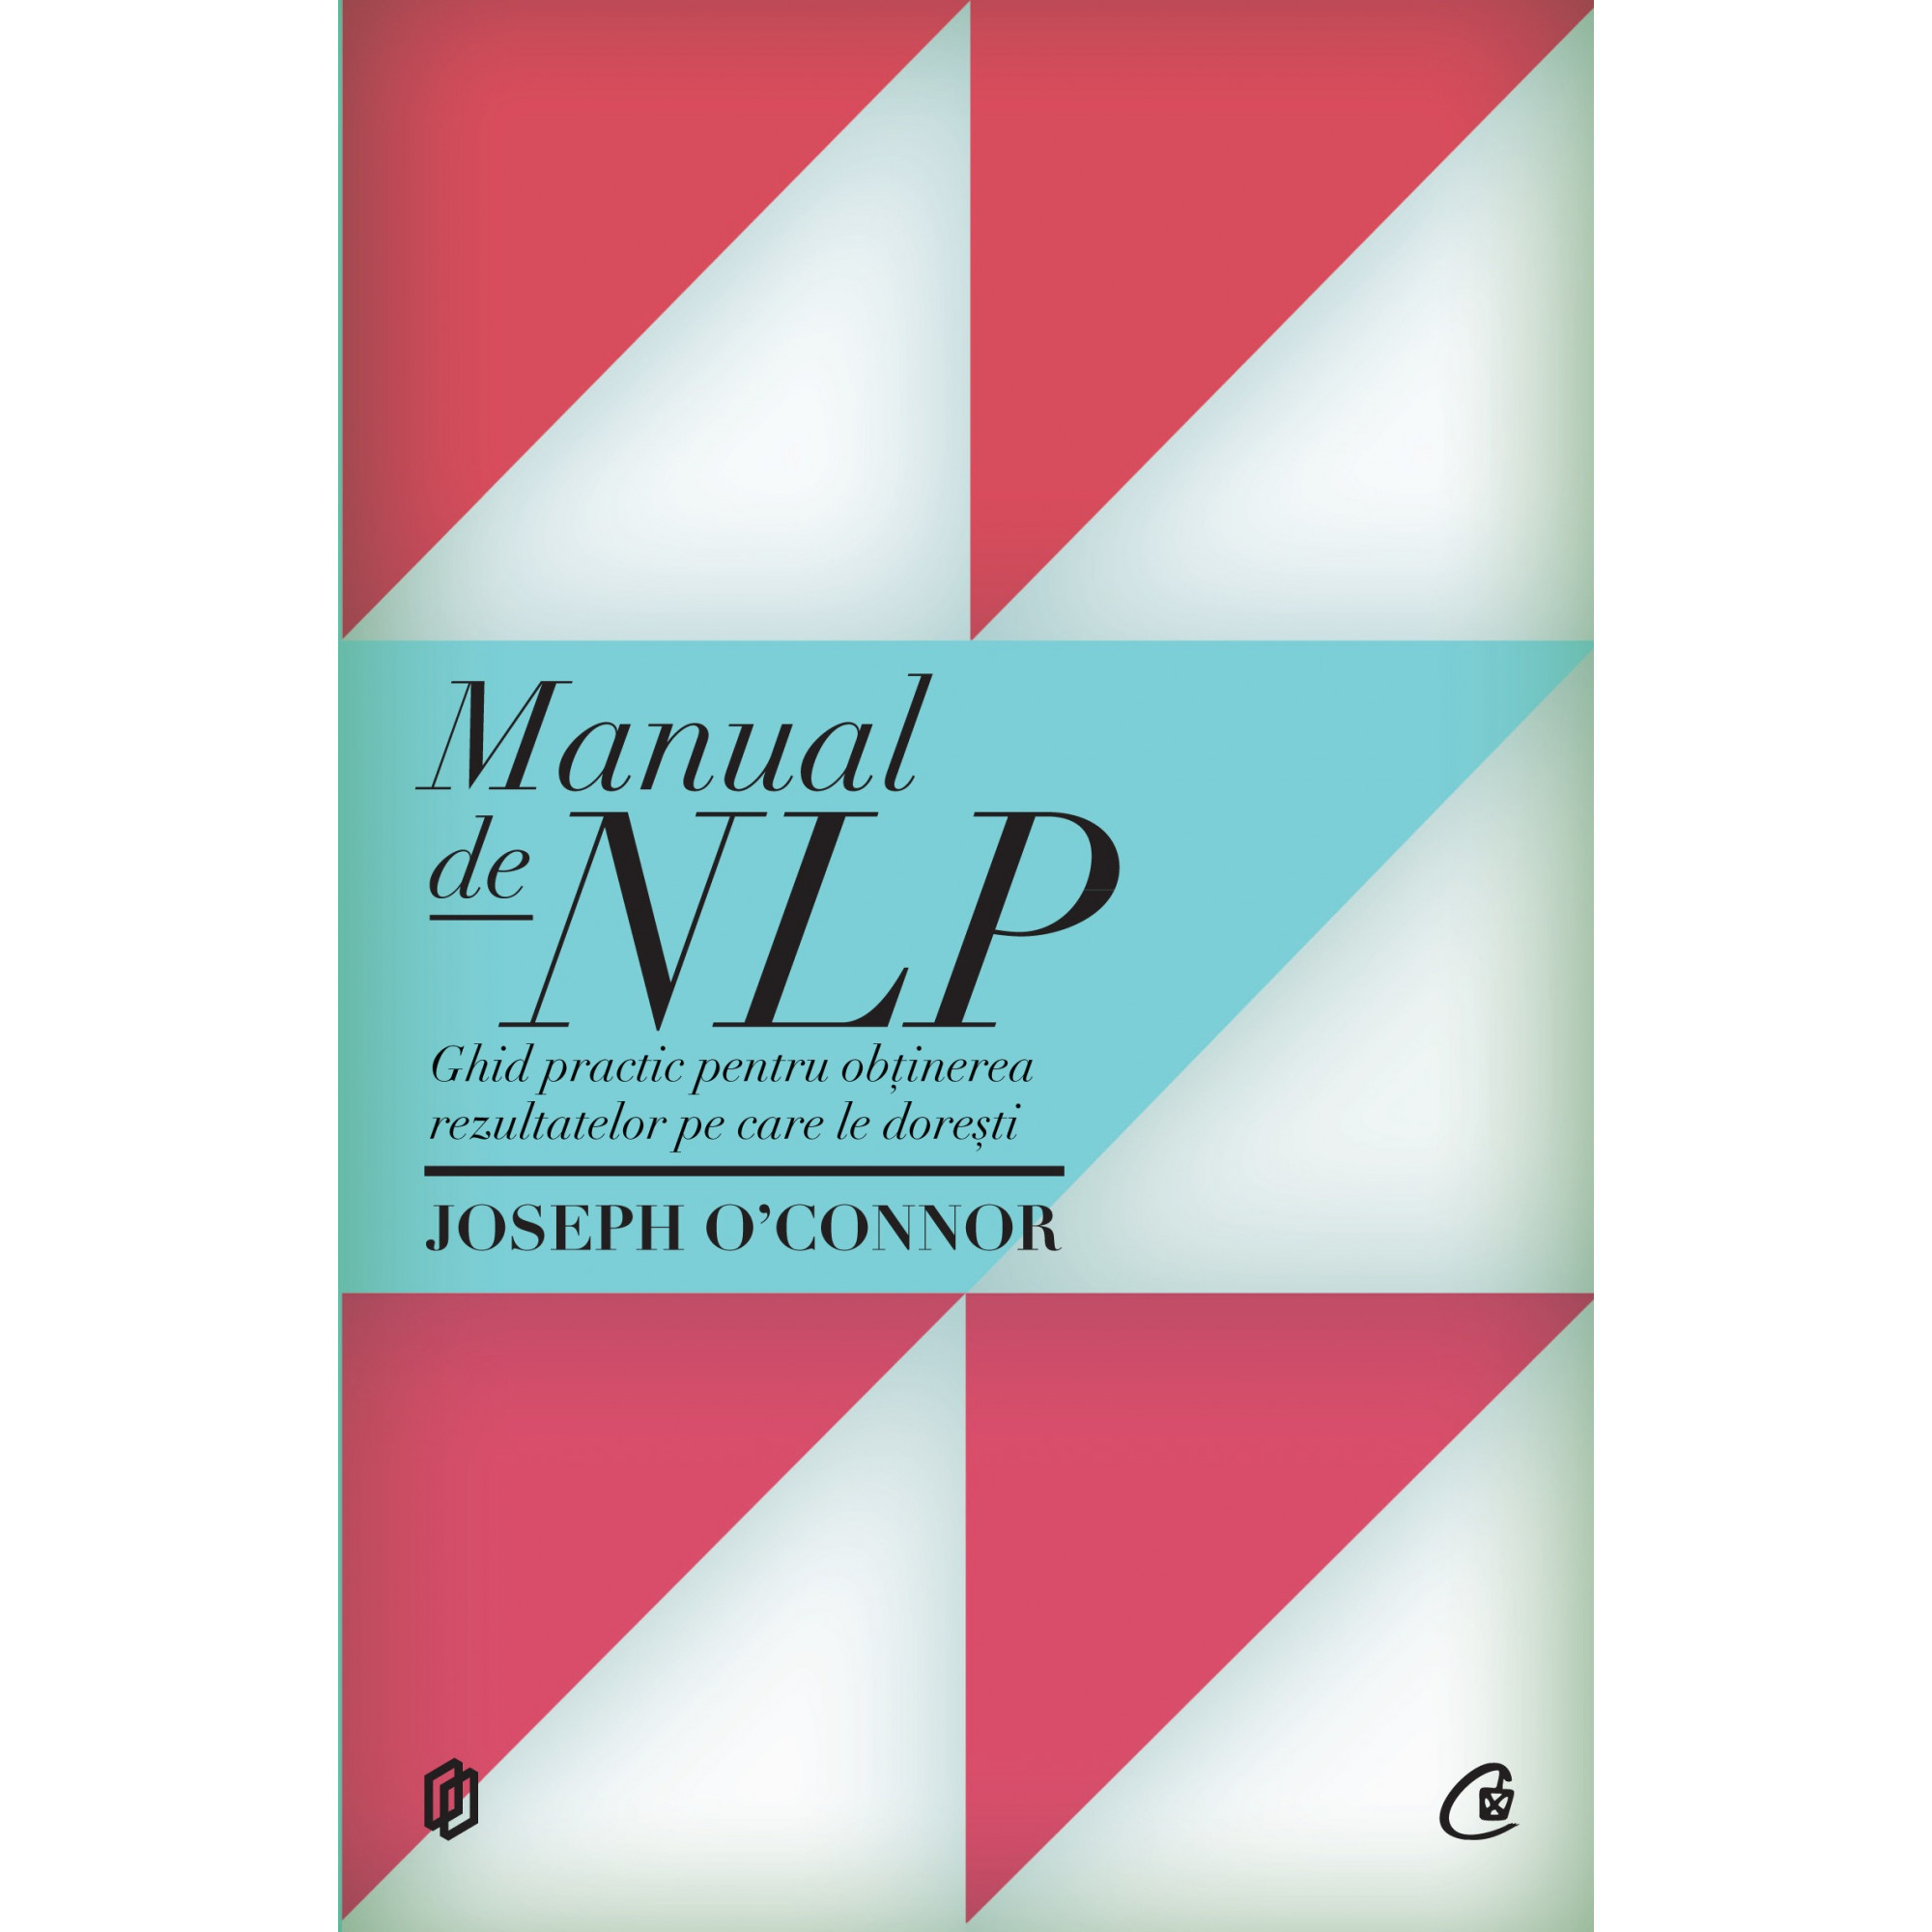 Manual de NLP. Ediția a II-a. Ghid practic pentru obținerea rezultatelor pe care le dorești